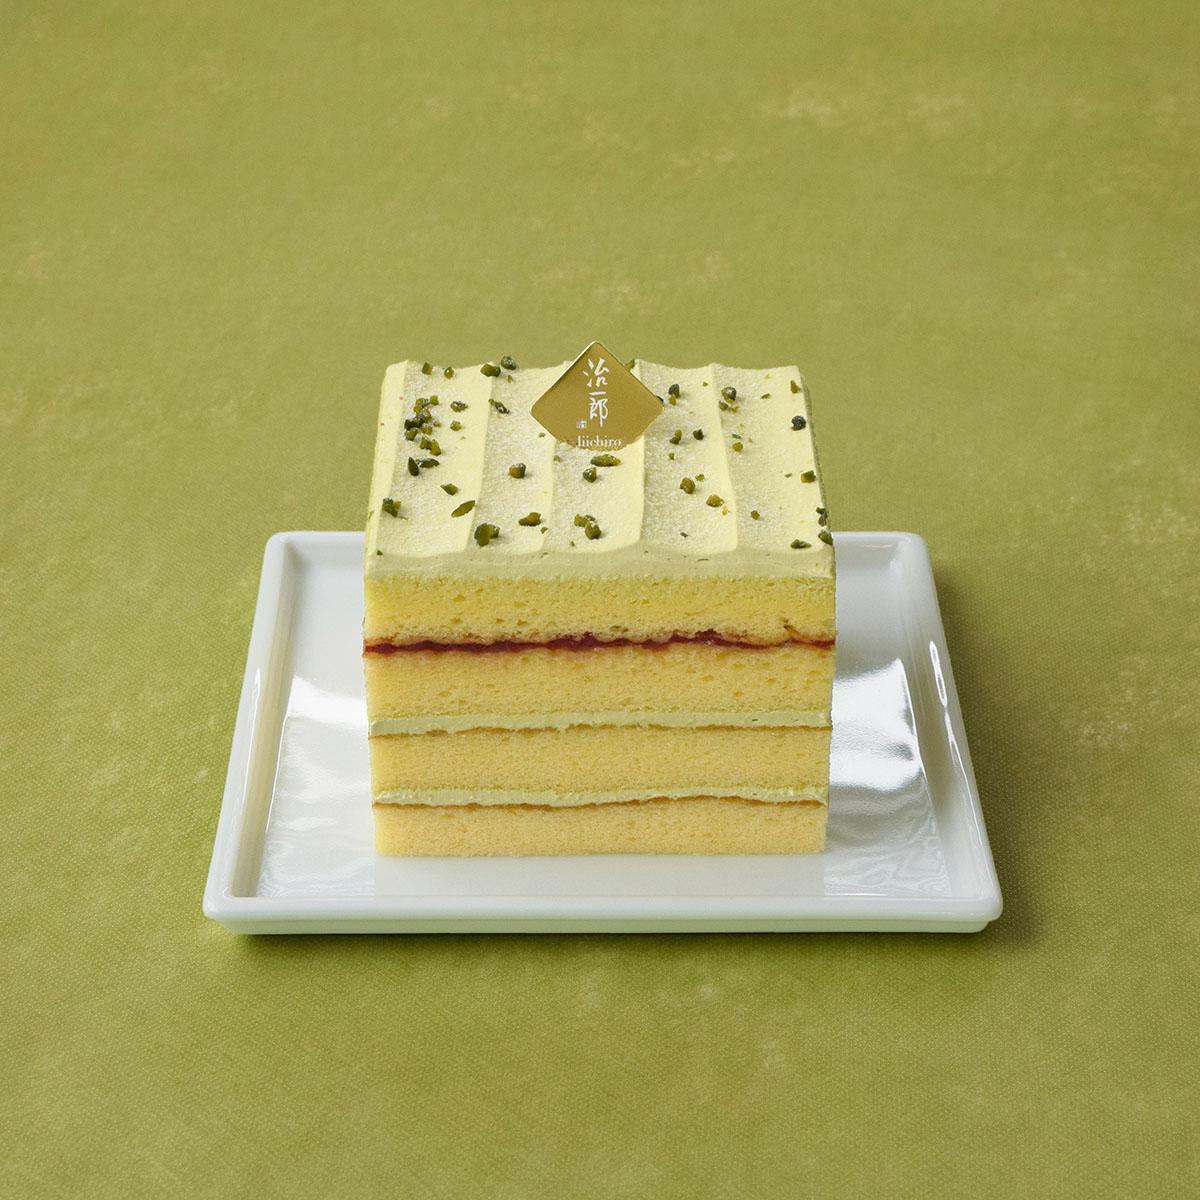 渋谷バターケーキ -Pistachio-